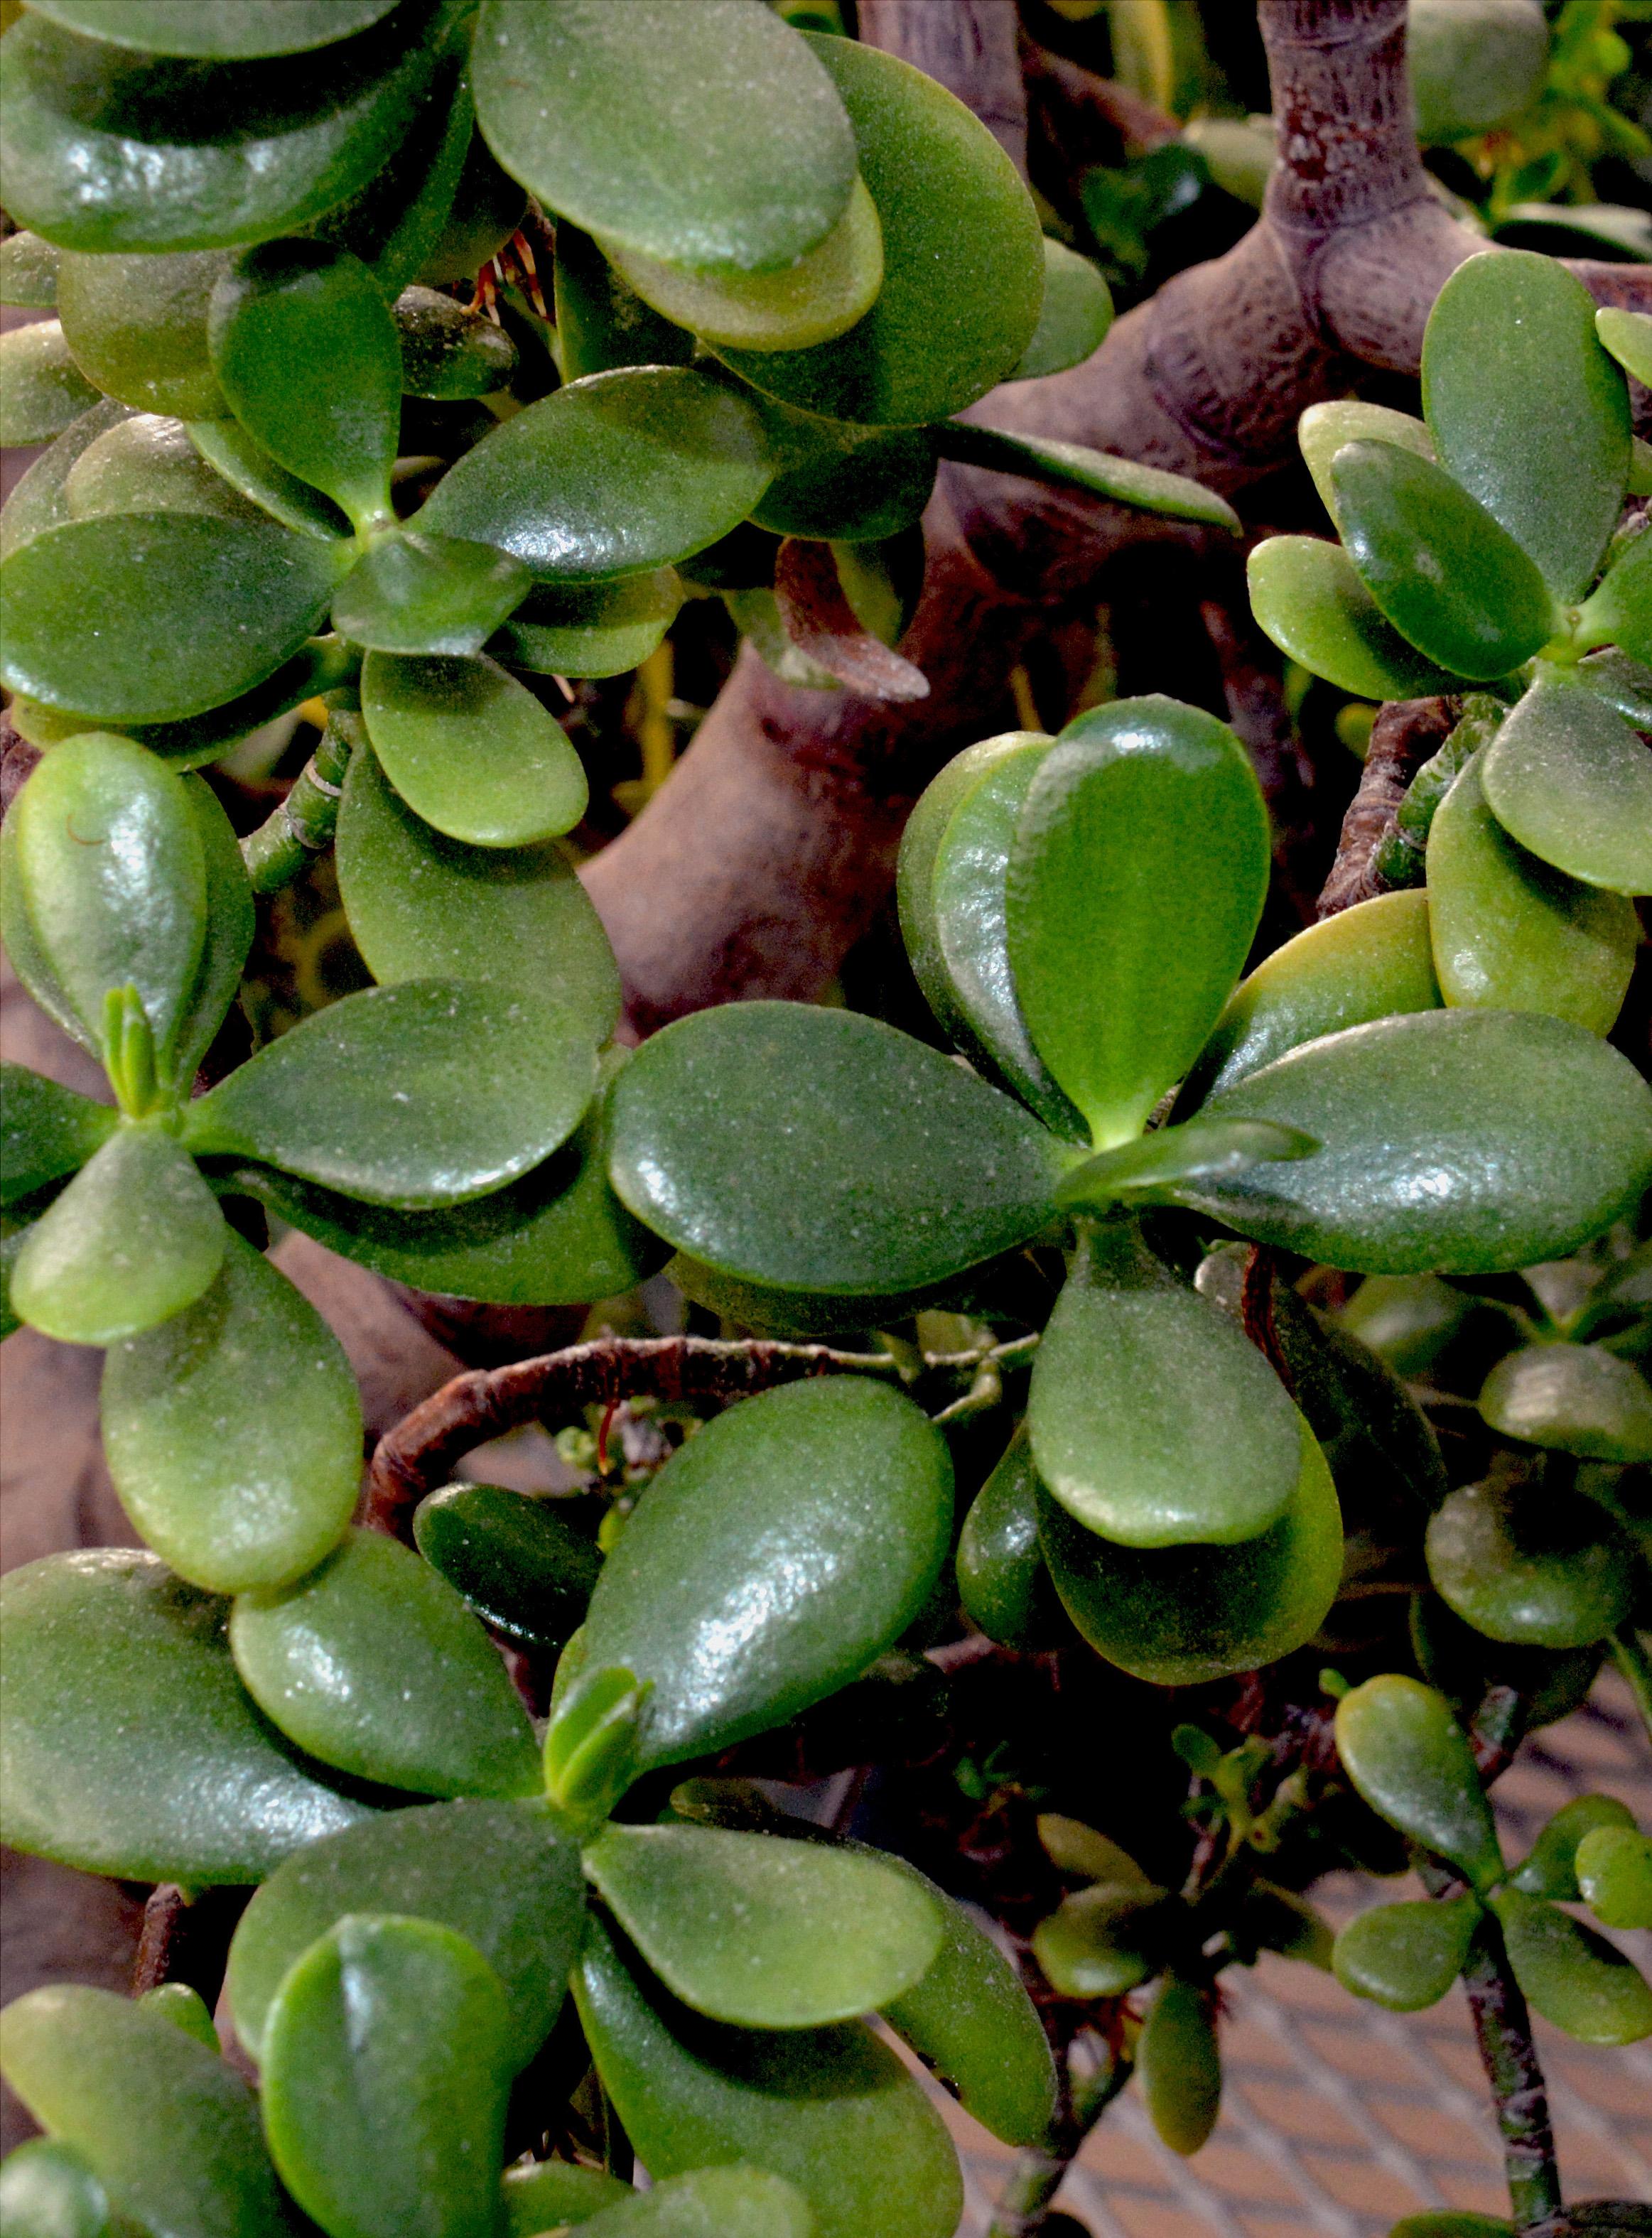 Jade plant, Crassula ovata